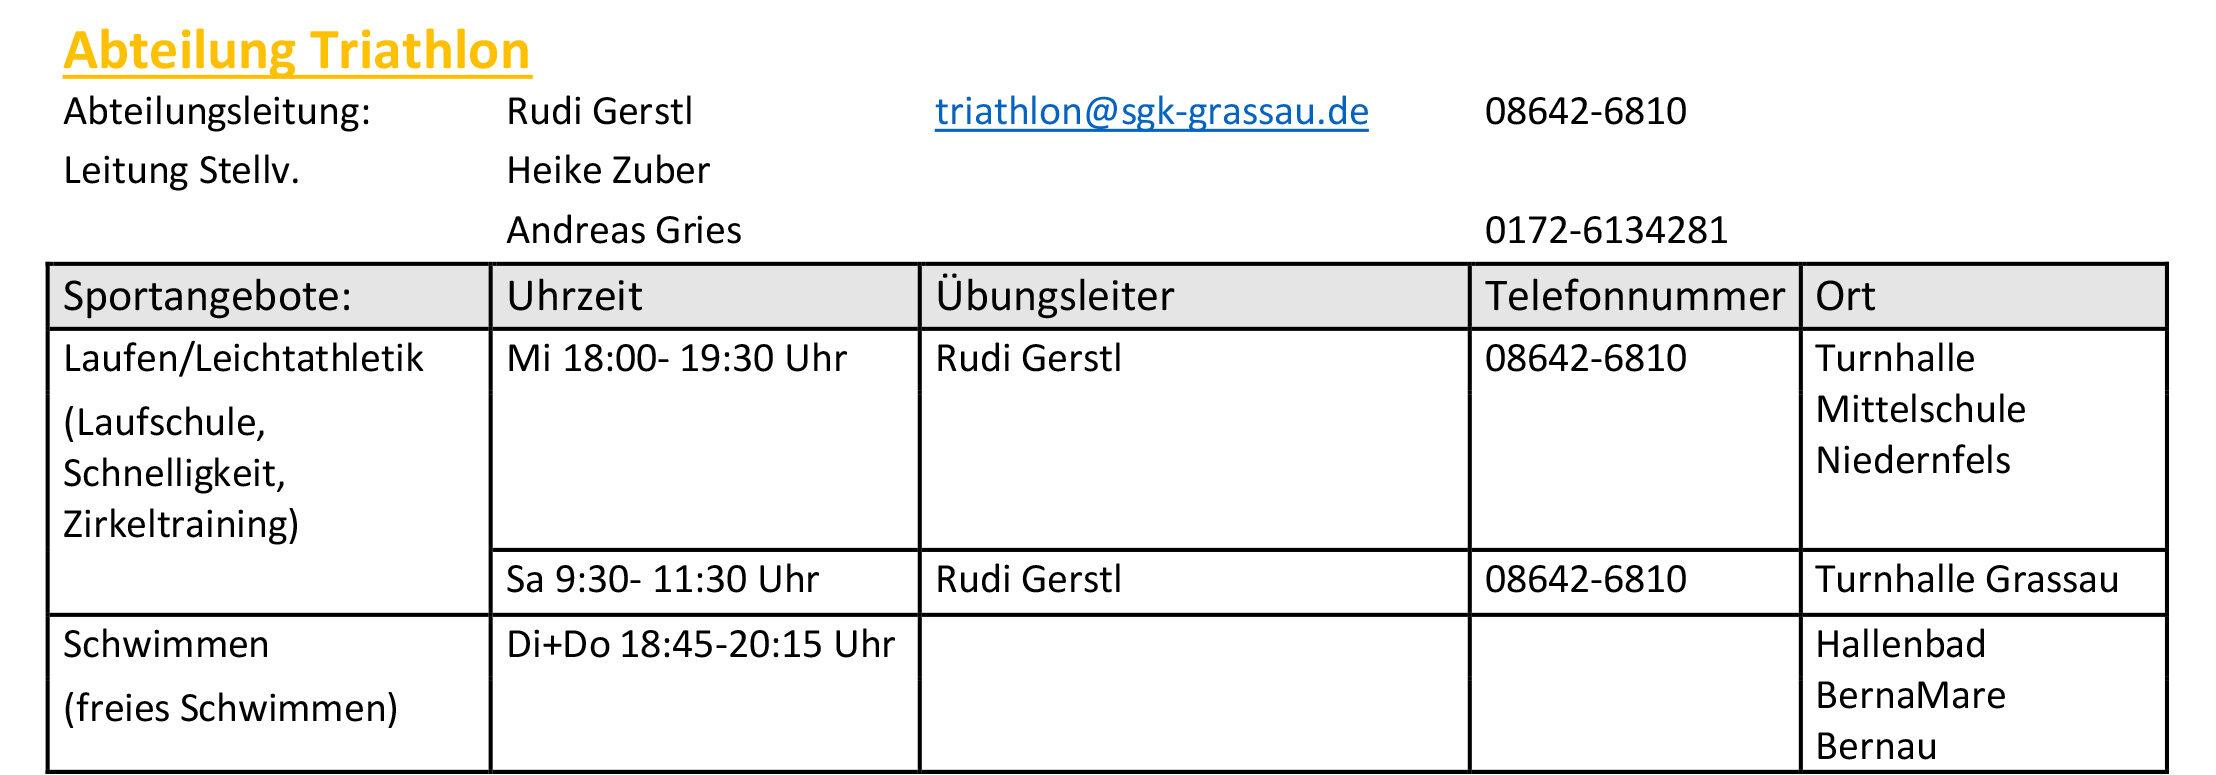 sgk grassau trainigszeiten triathlon